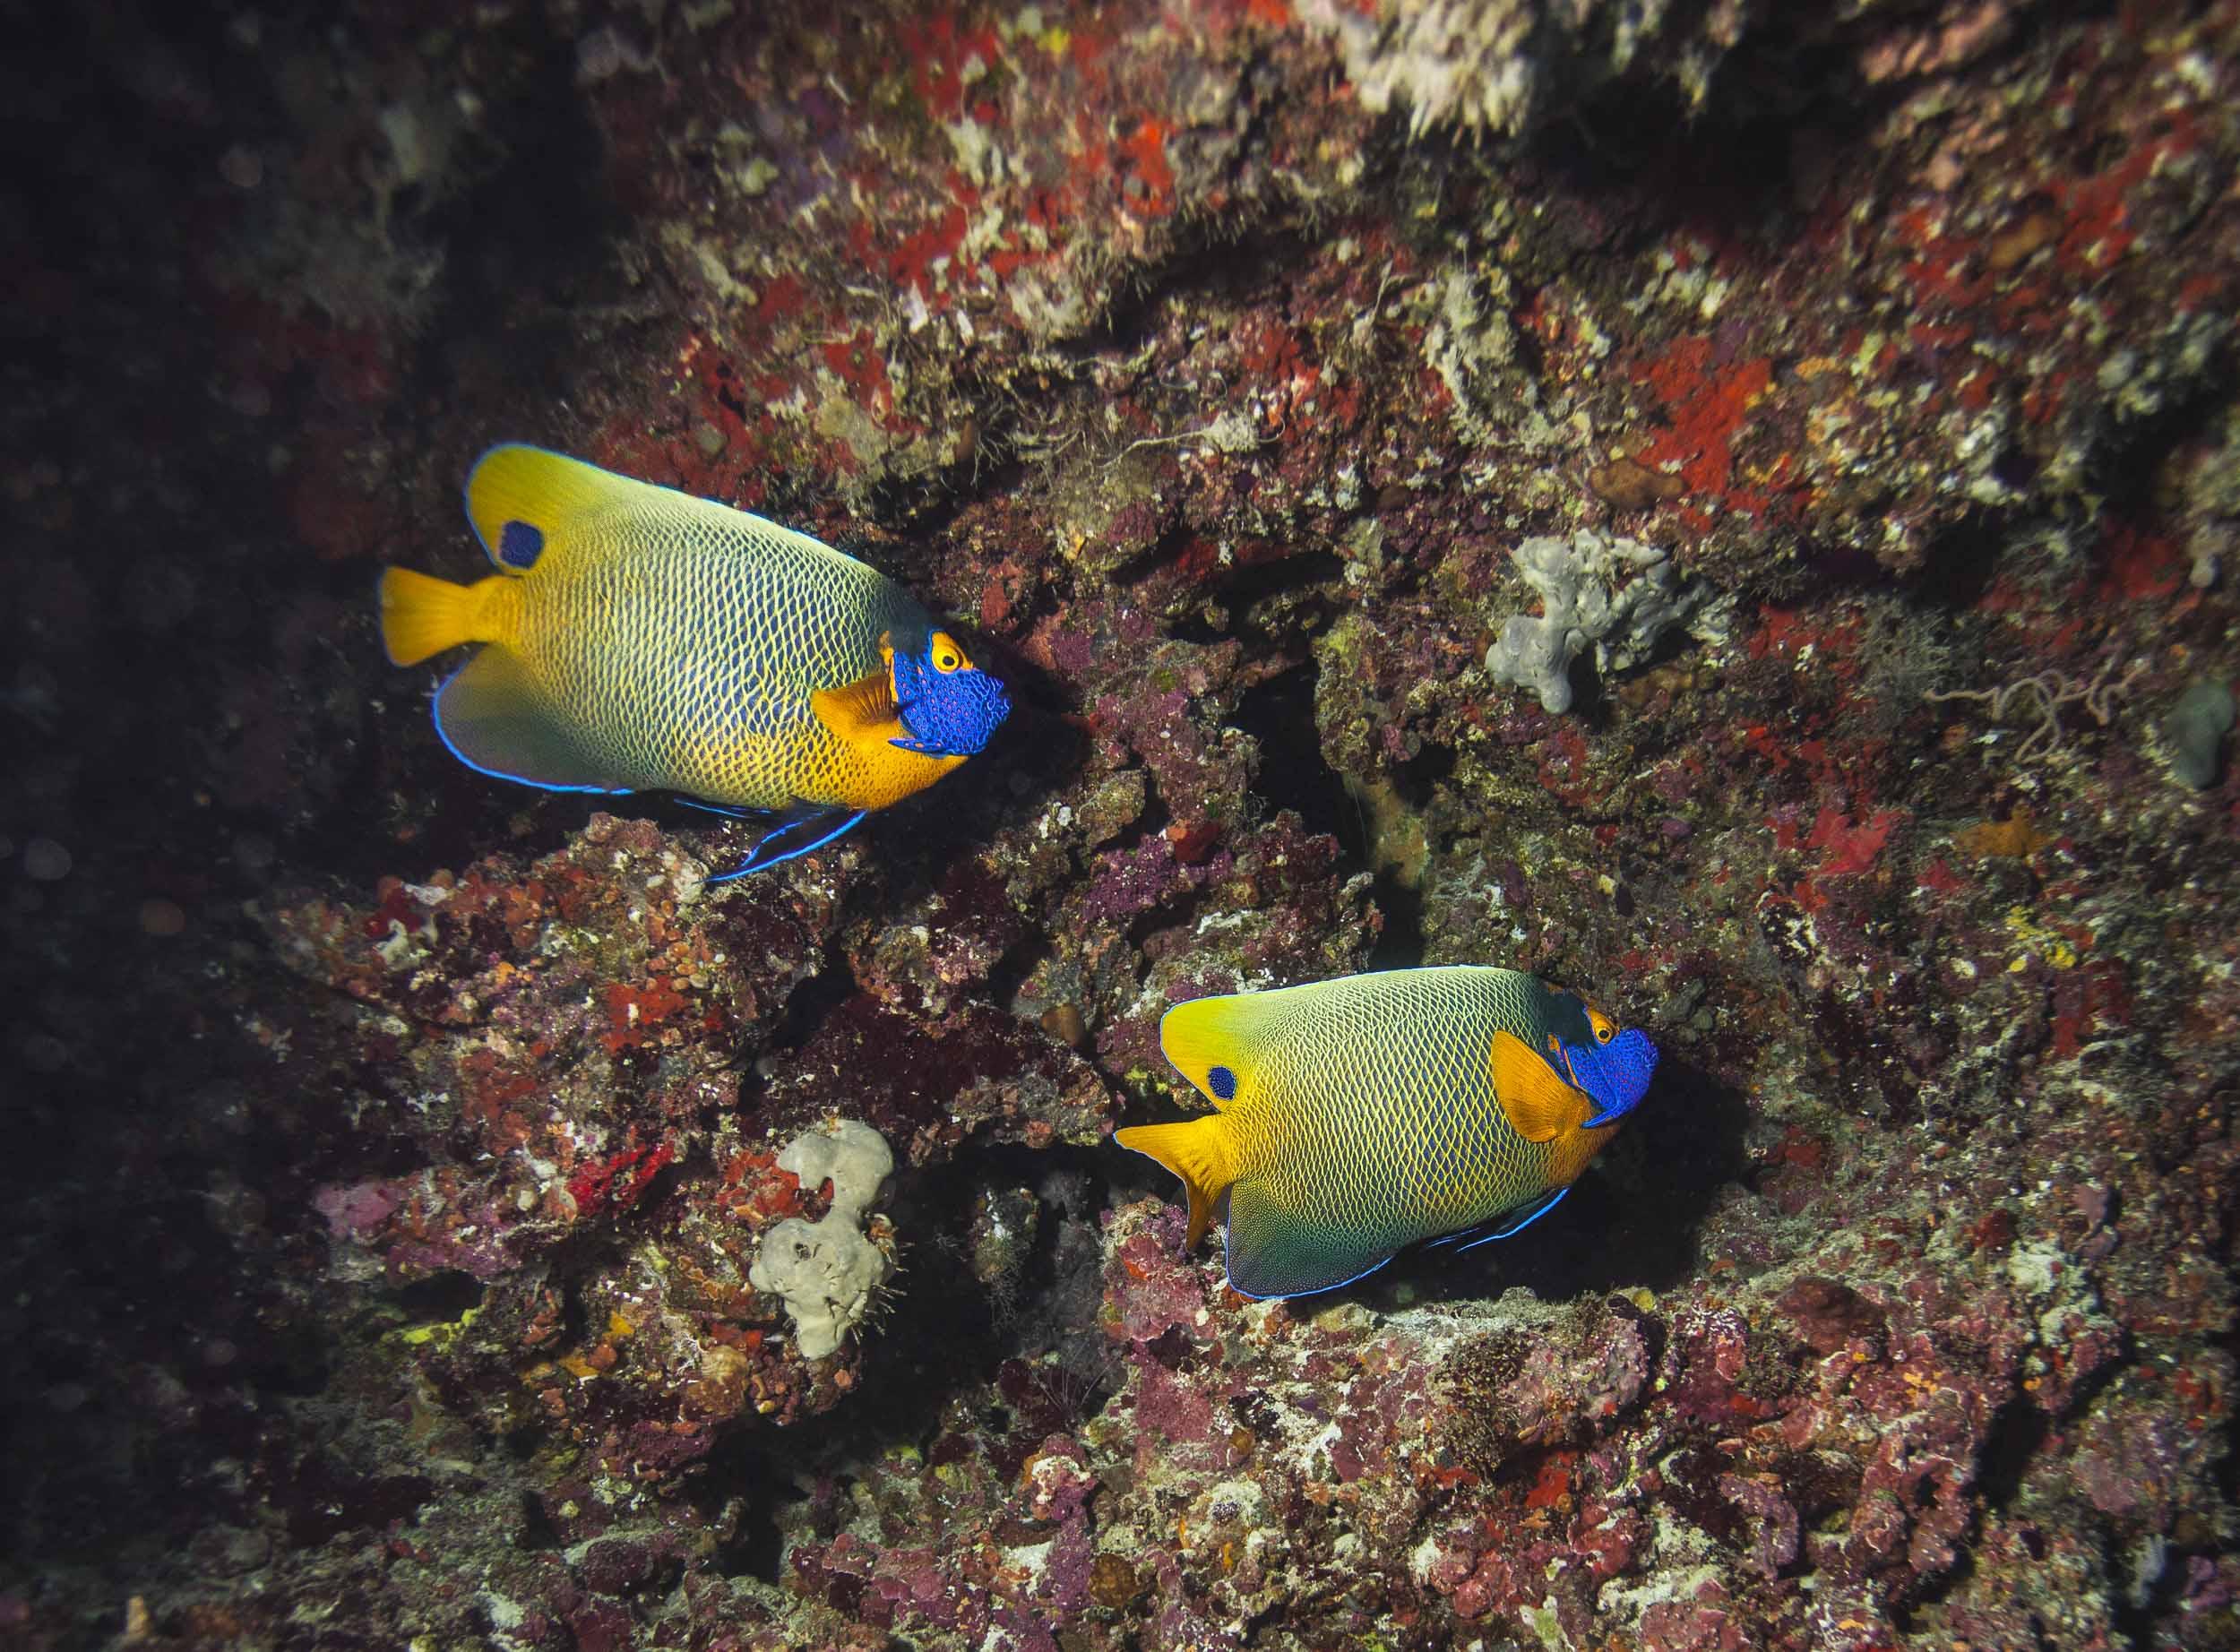 maldives-underwater-reef-fish-marine-2.jpg